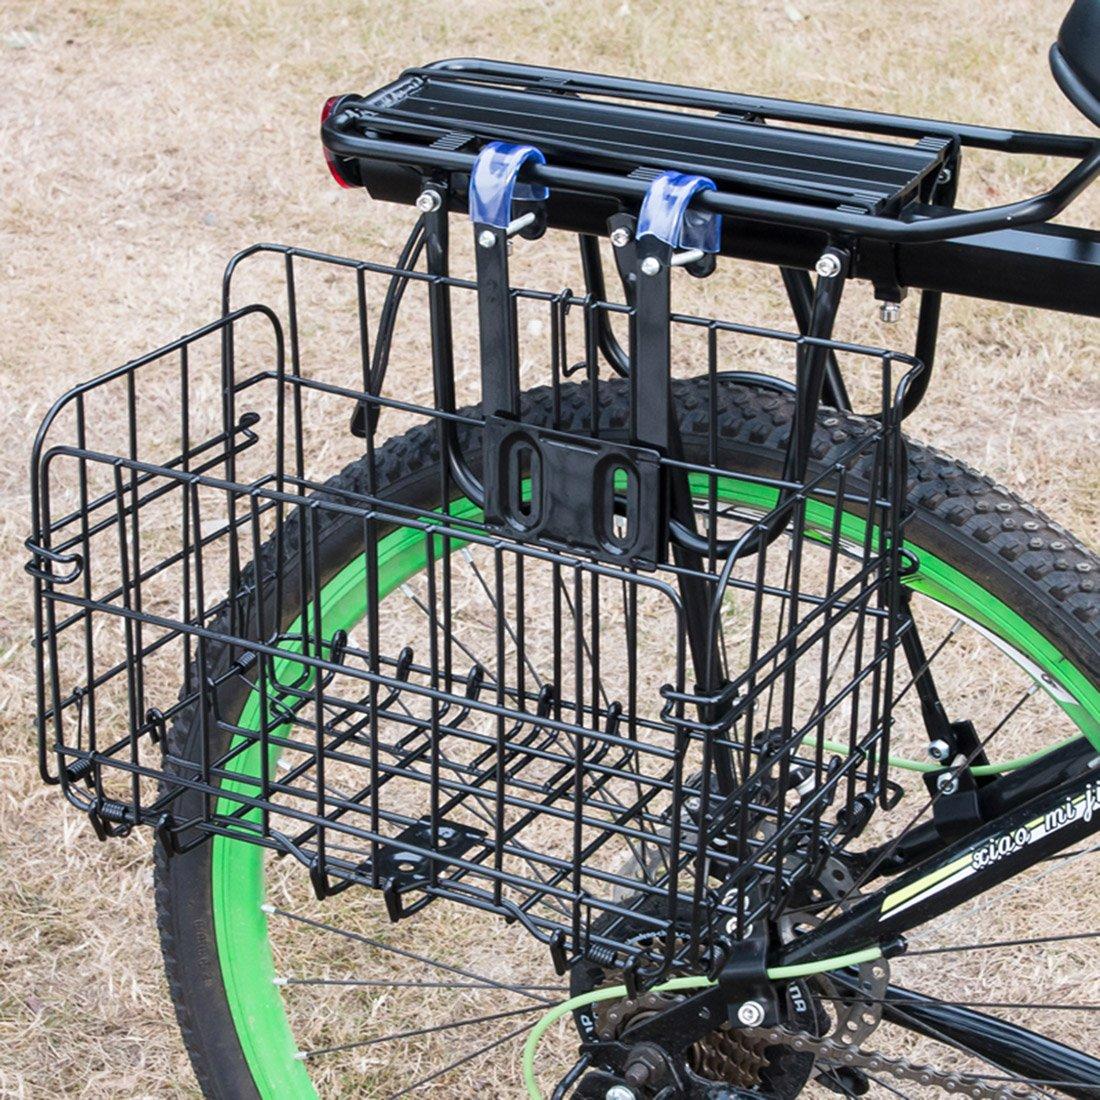 YUKIKO Panier de vélo Pliable pour Porte-Bagages Avant ou vélo  Amazon.fr   Sports et Loisirs 1d8f4582c3e